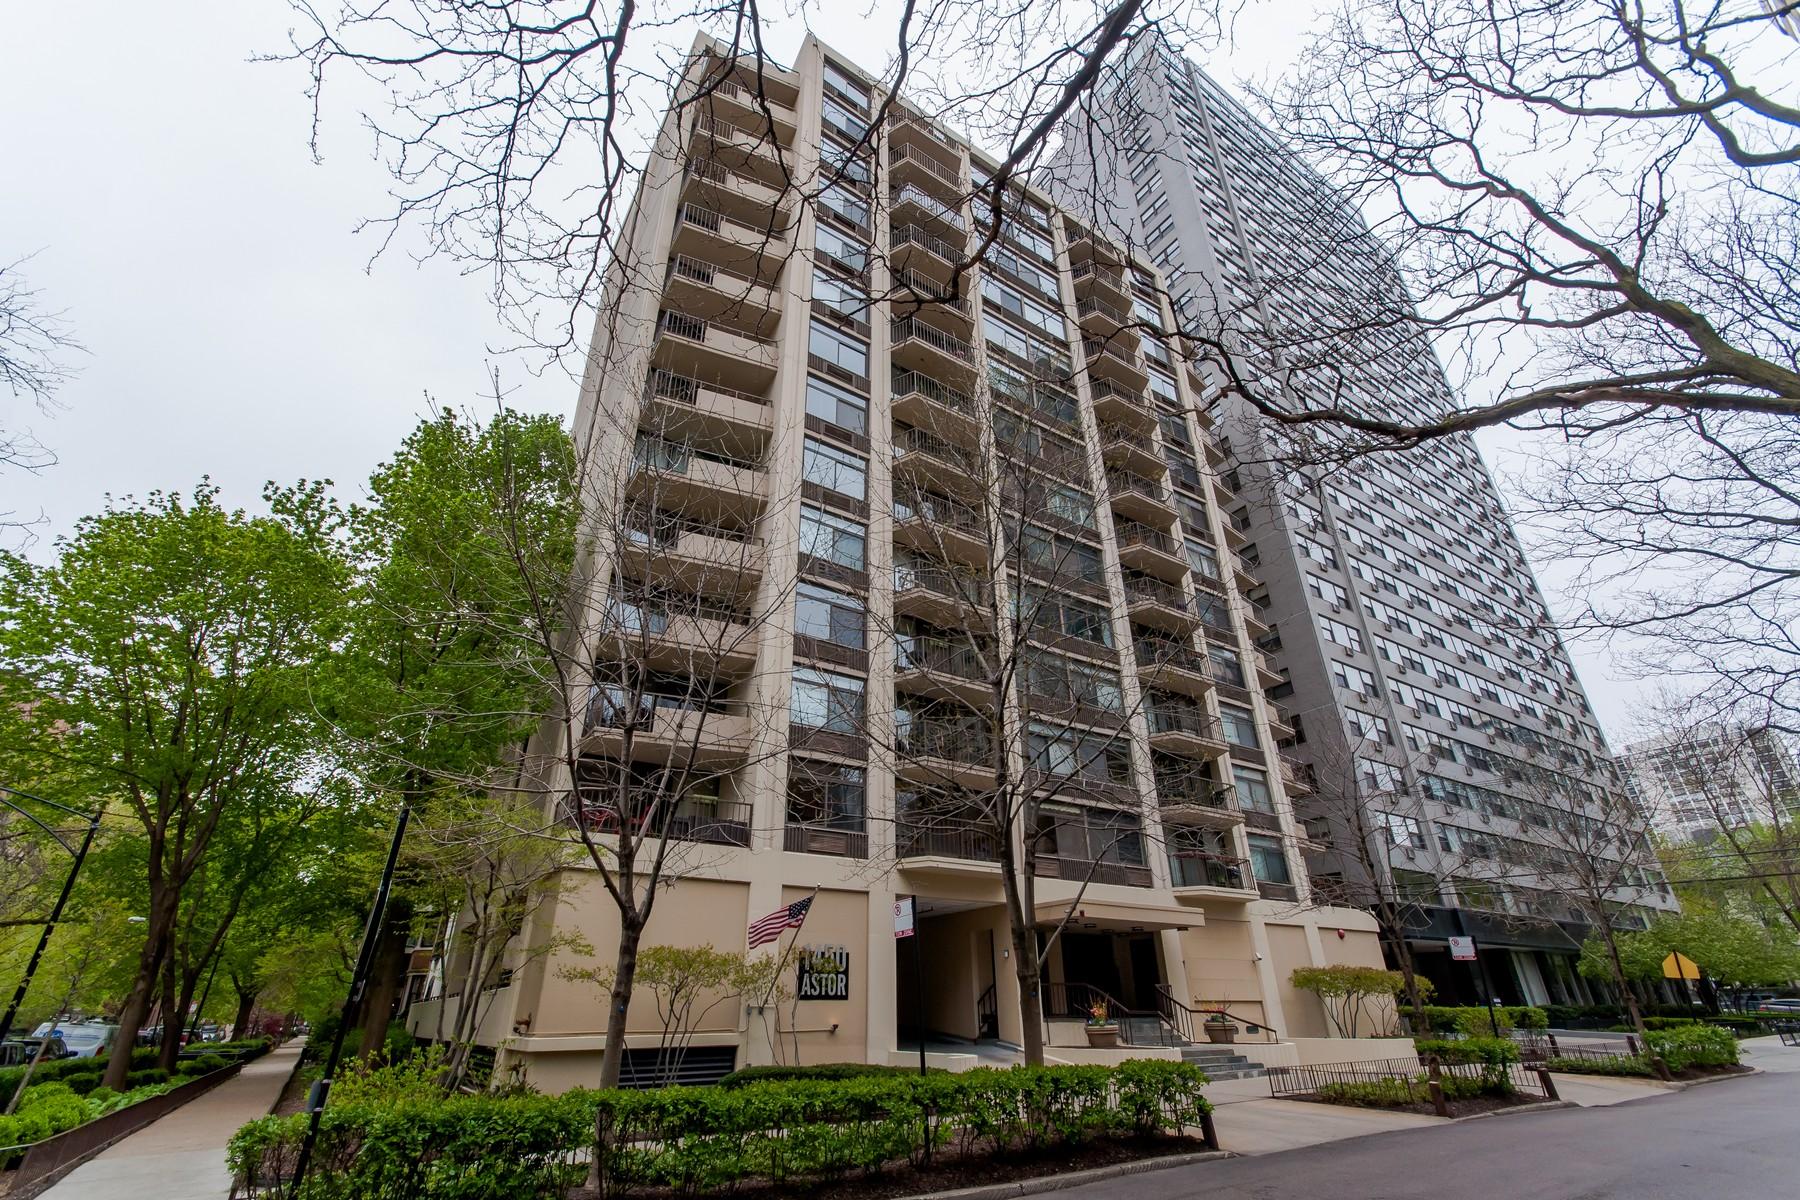 Condomínio para Venda às Gold Coast Treasure 1450 N Astor Street Unit 3B Near North Side, Chicago, Illinois, 60610 Estados Unidos